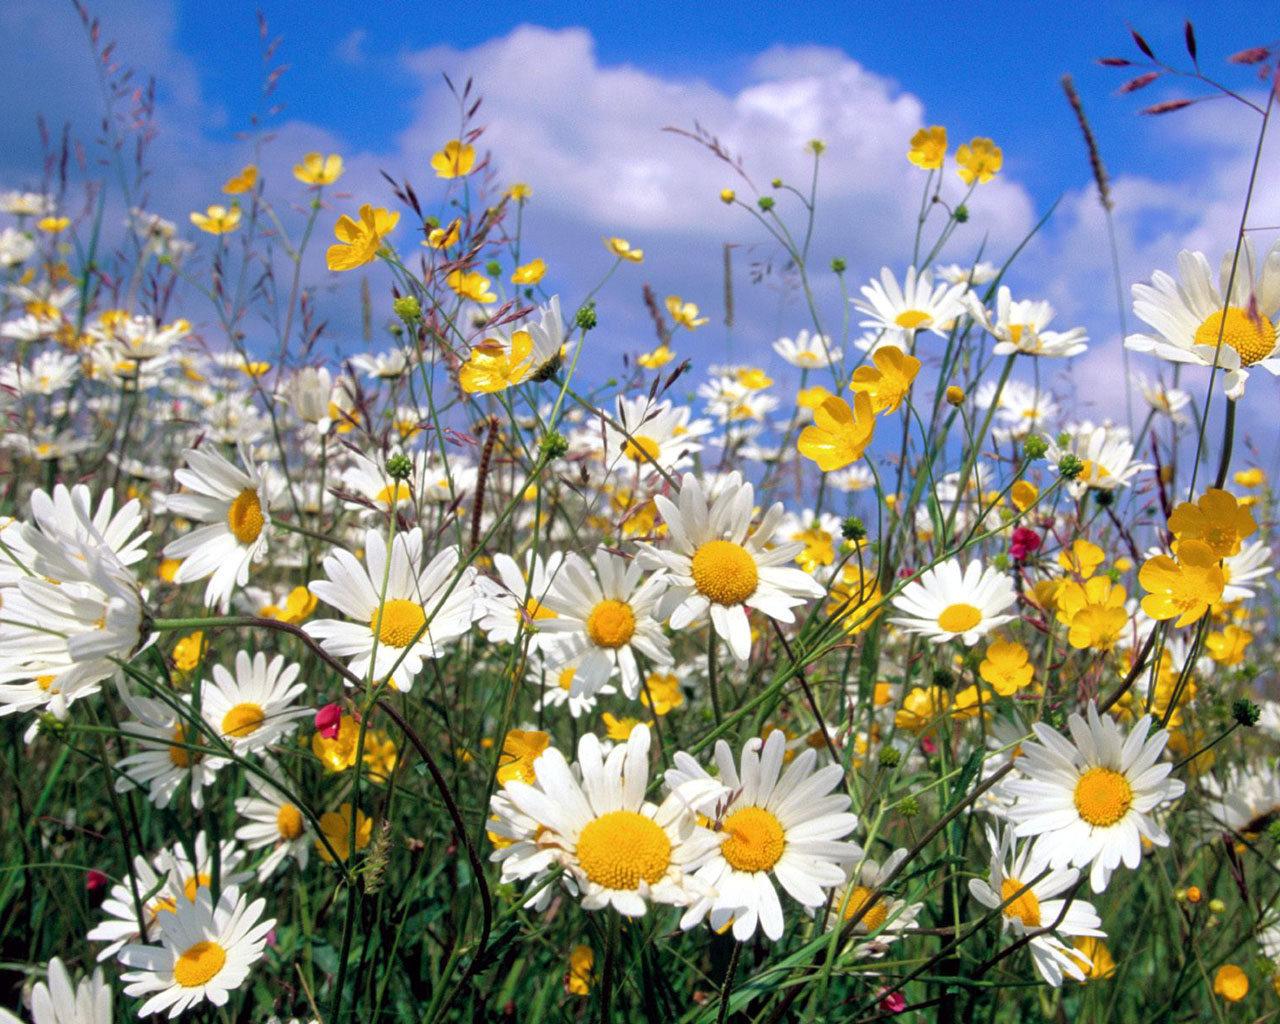 11317 Hintergrundbild herunterladen Pflanzen, Blumen, Kamille - Bildschirmschoner und Bilder kostenlos